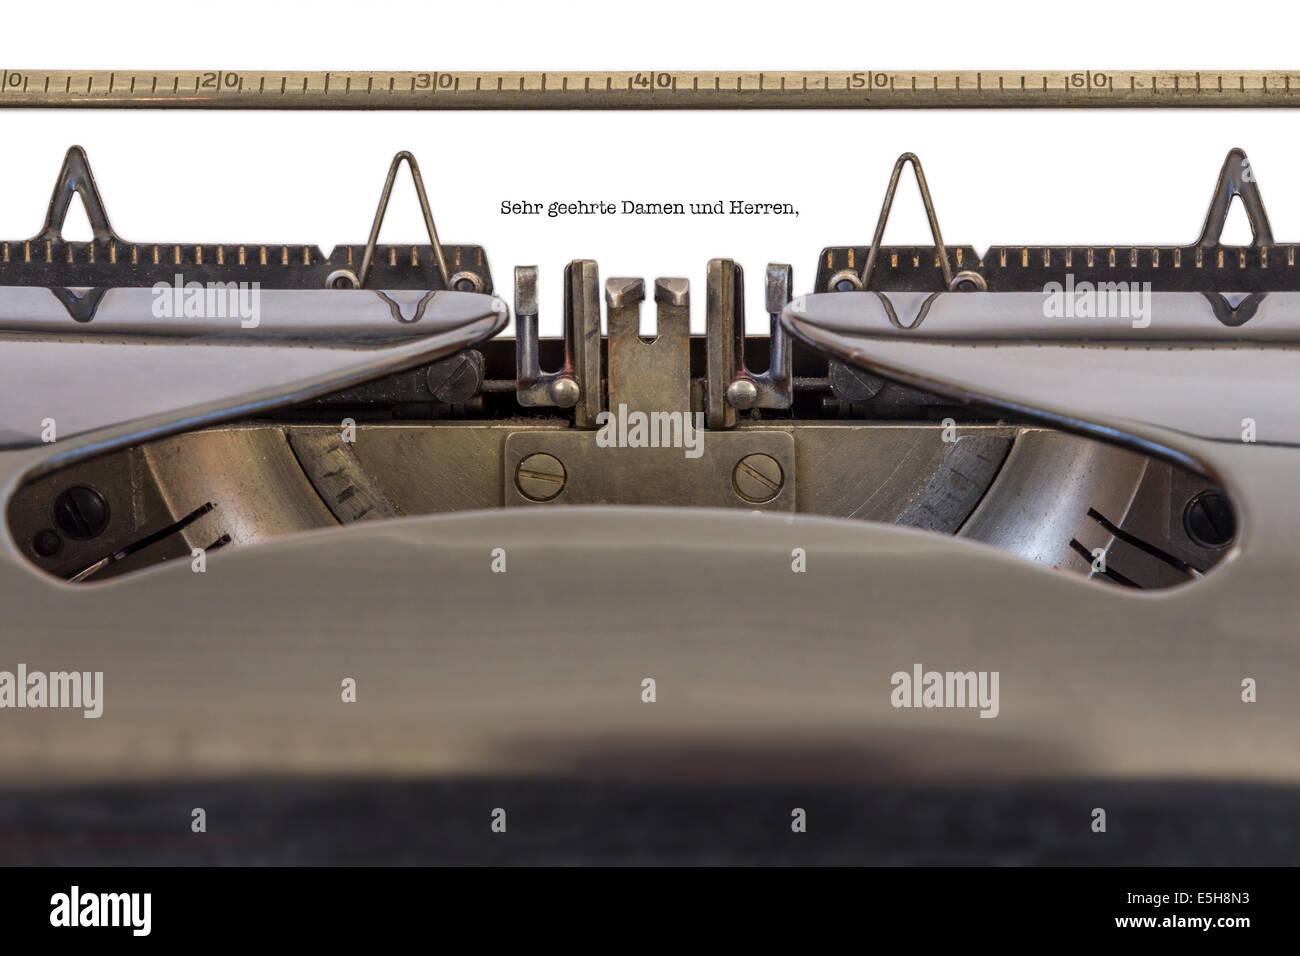 The Words 'Sehr geehrte Damen und Herren' (German Dear Sir or Madam) written on a typewriter - Stock Image